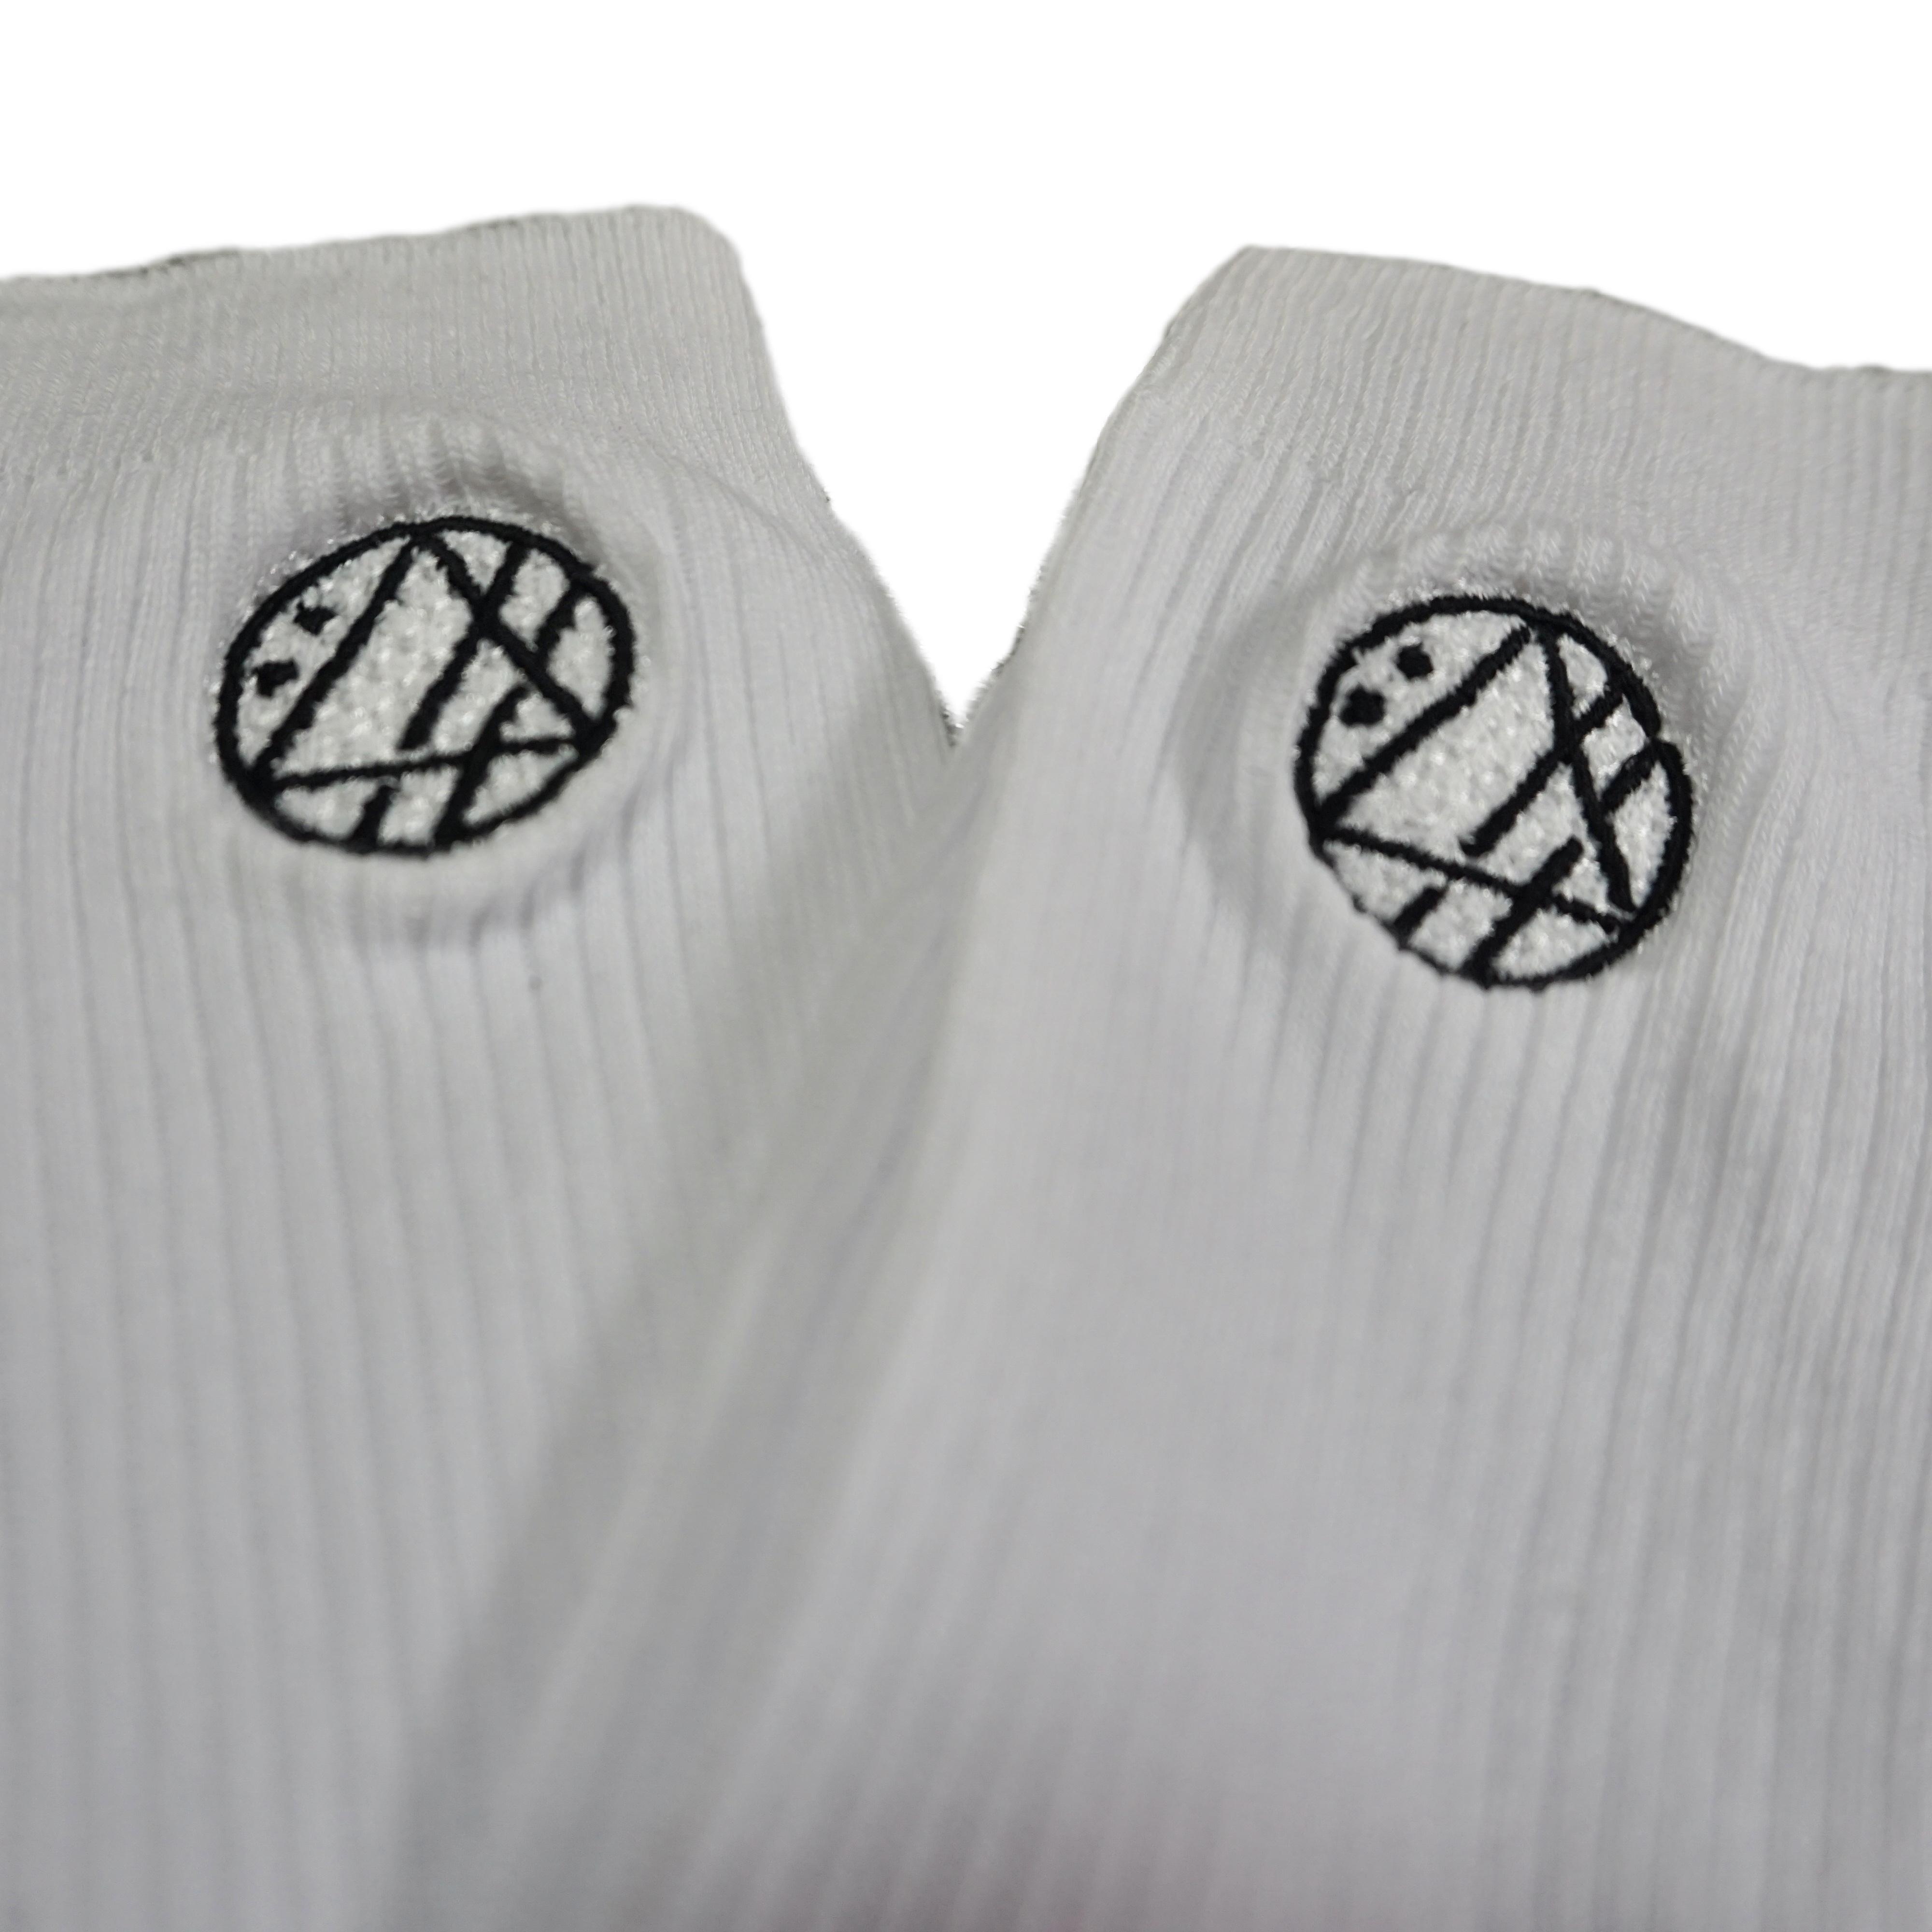 丸ロゴ刺繍ソックス (ホワイト) - 画像3